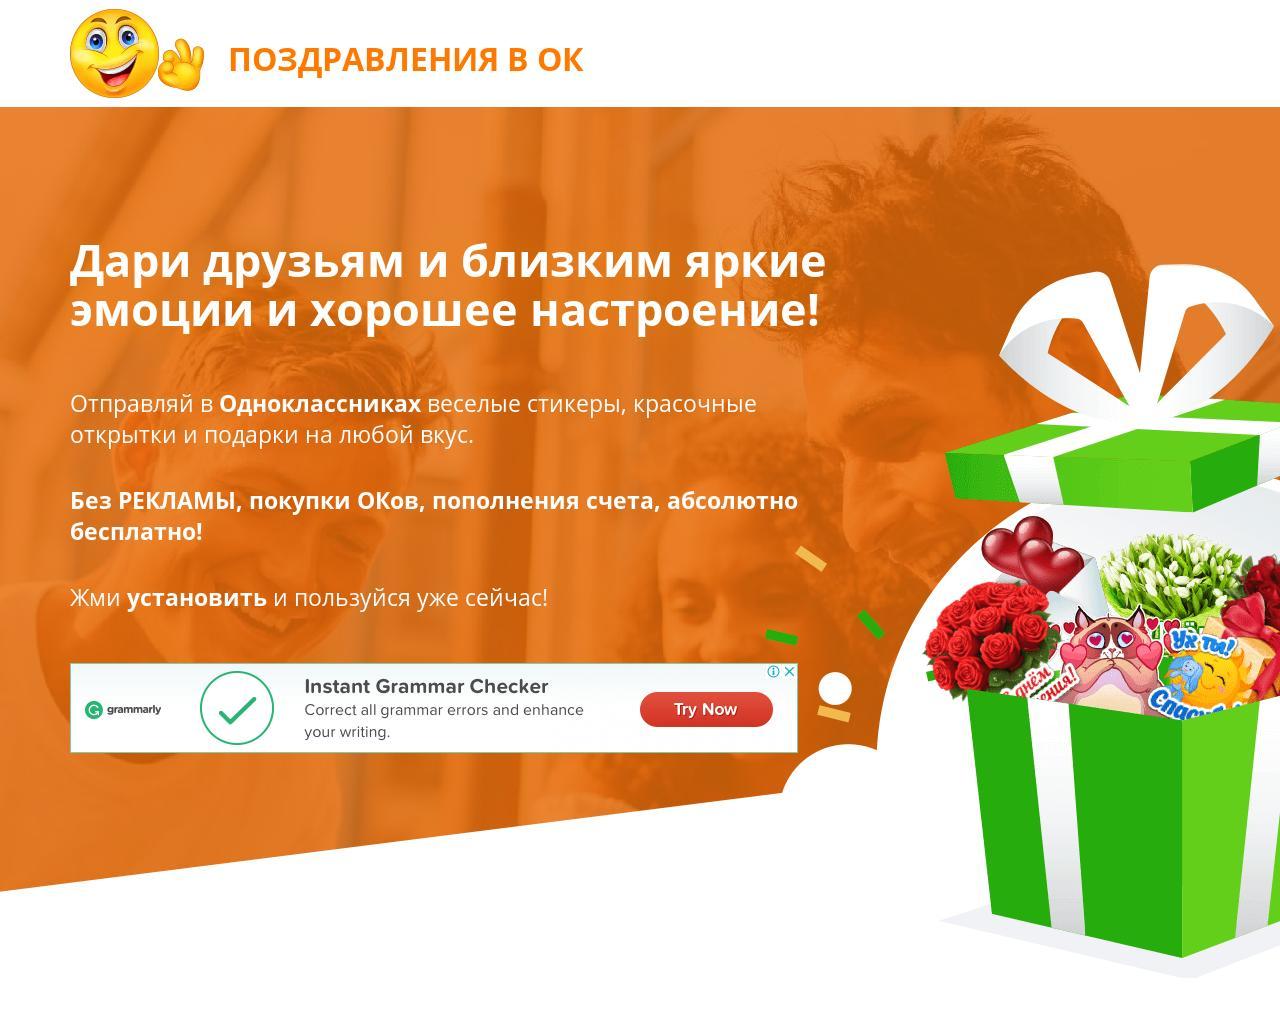 Бесплатные подарки в Одноклассниках за 0 ОК 42